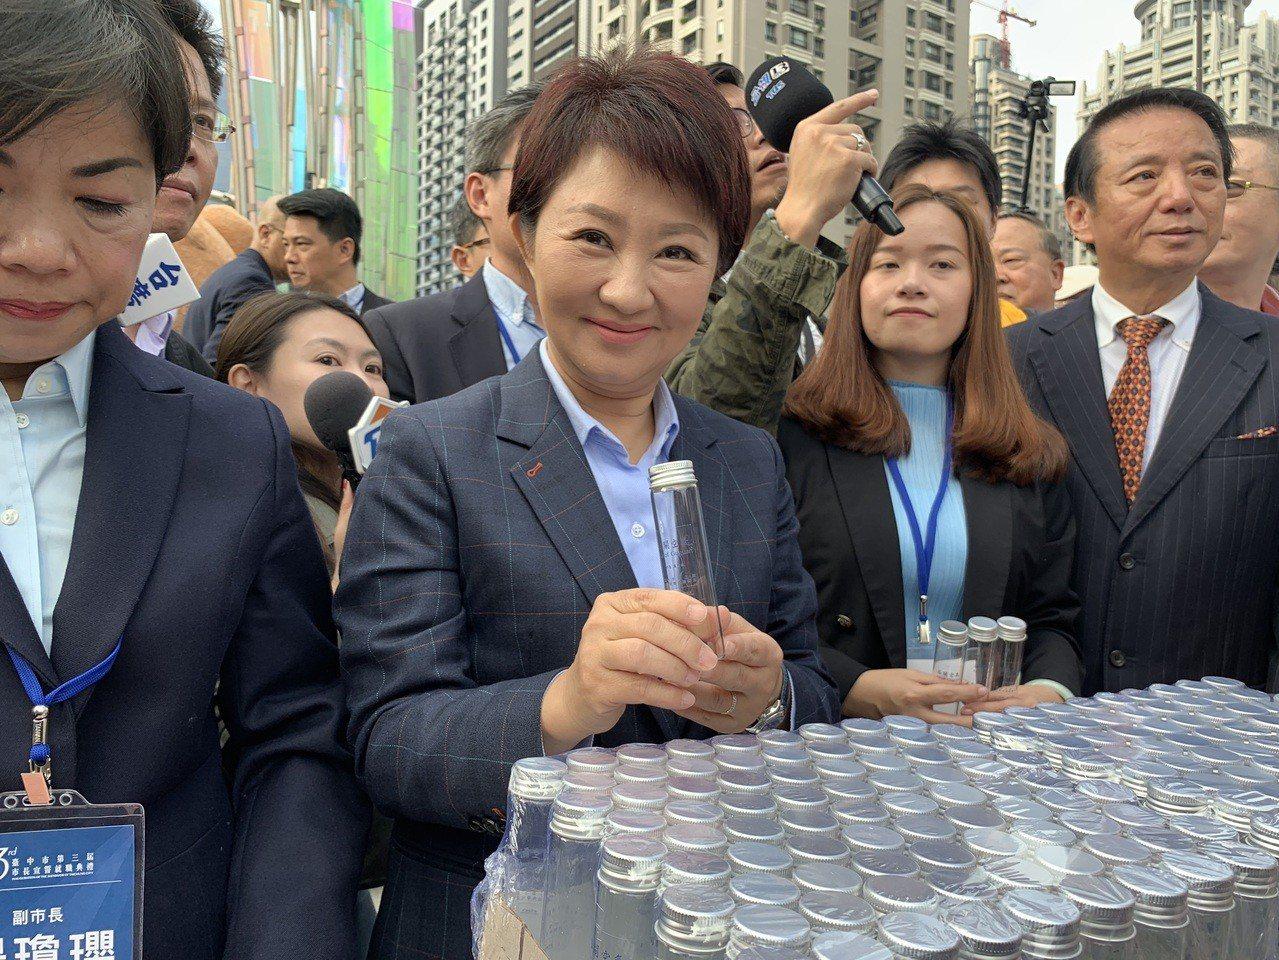 台中市長盧秀燕正式就職,她準備了「谷關空氣」送給市民當紀念品。記者喻文玟/攝影